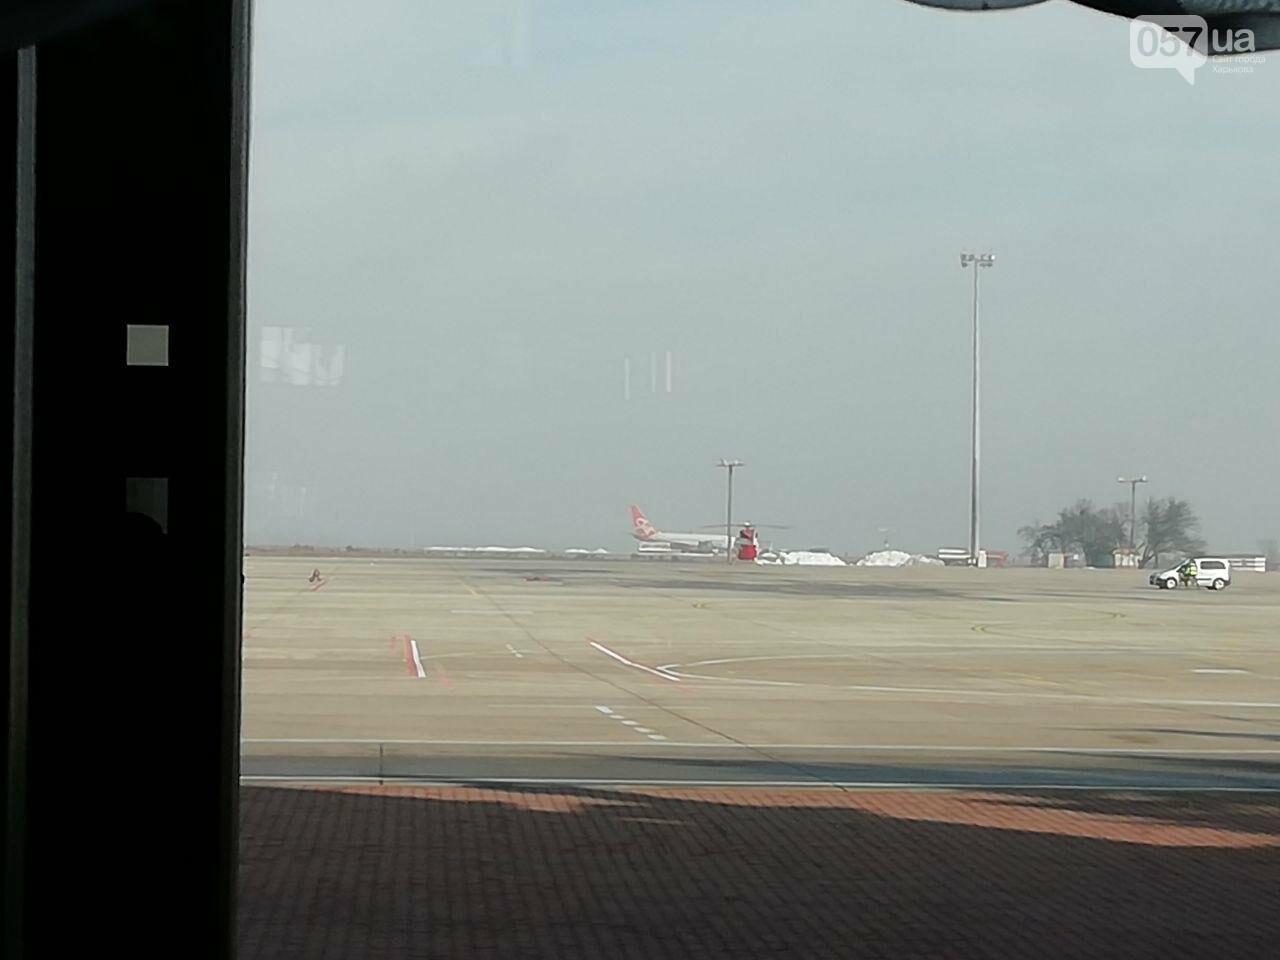 В харьковском аэропорту приземлился самолет с эвакуированными пассажирами из Китая, - ОНЛАЙН-ТРАНСЛЯЦИЯ, фото-7